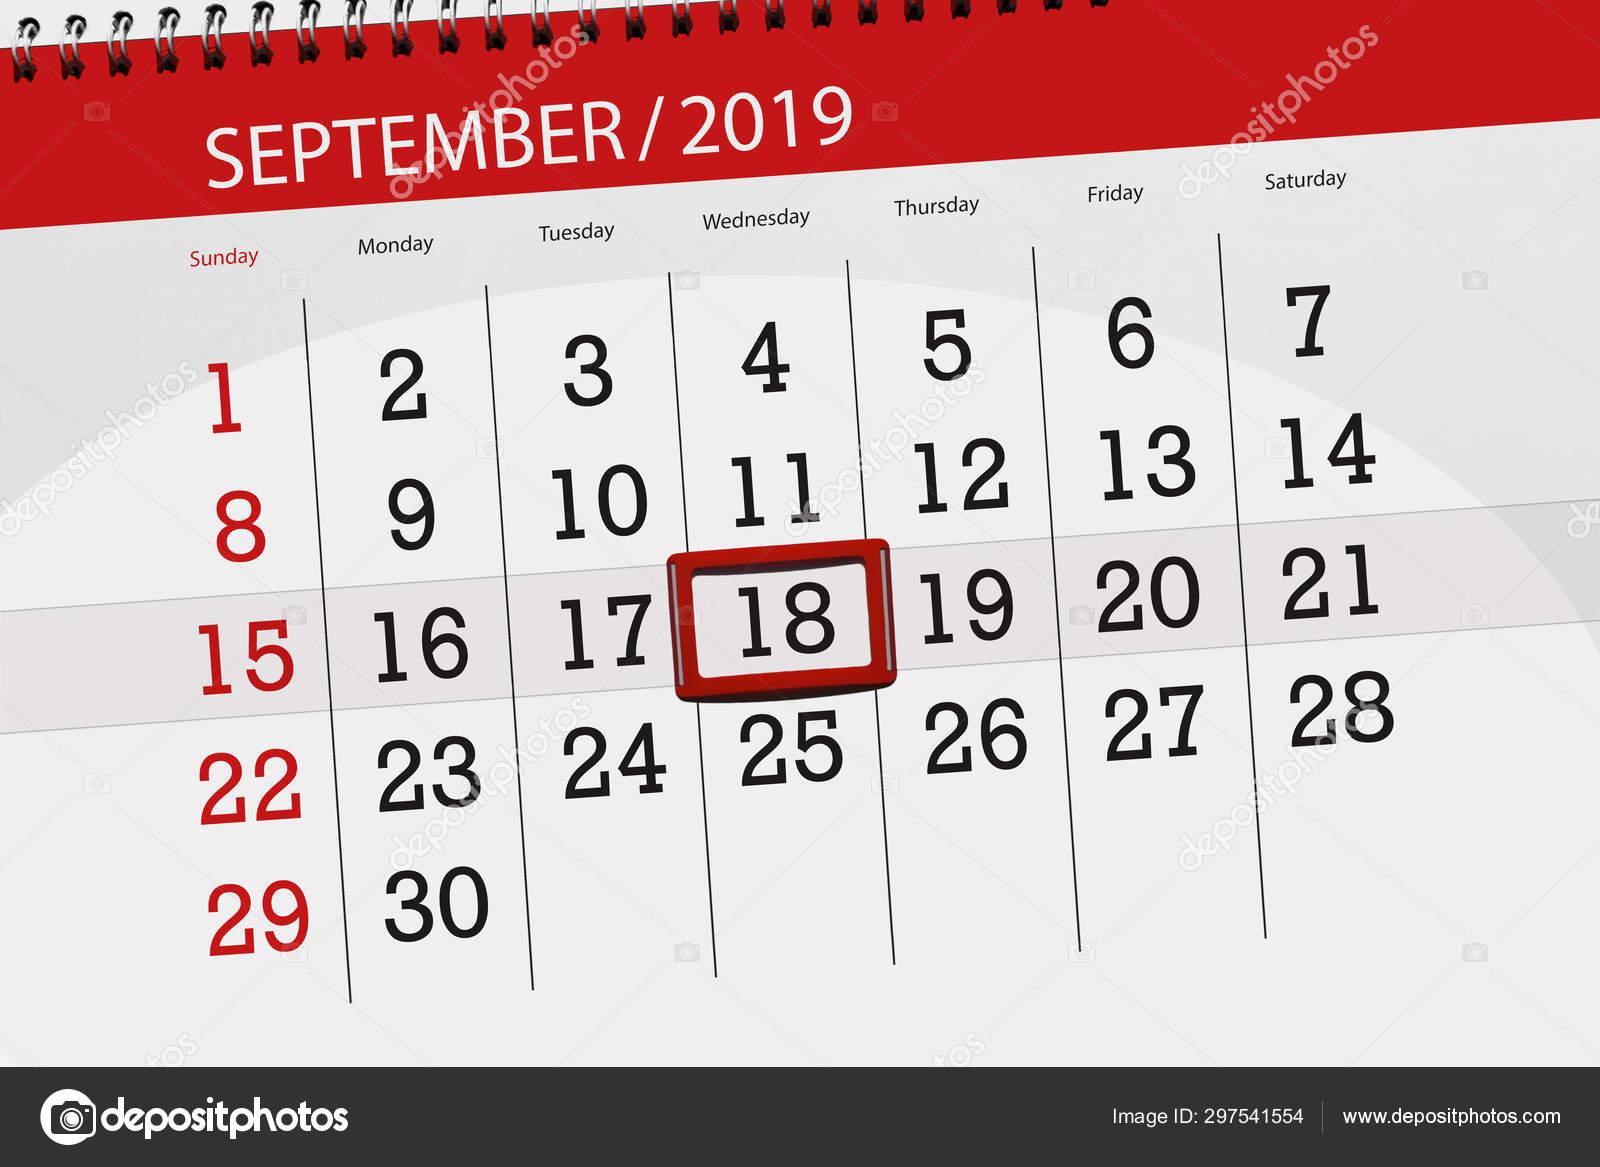 Actividadesfamiliaaboutcom Calendario 2020.Calendario Septiembre 18